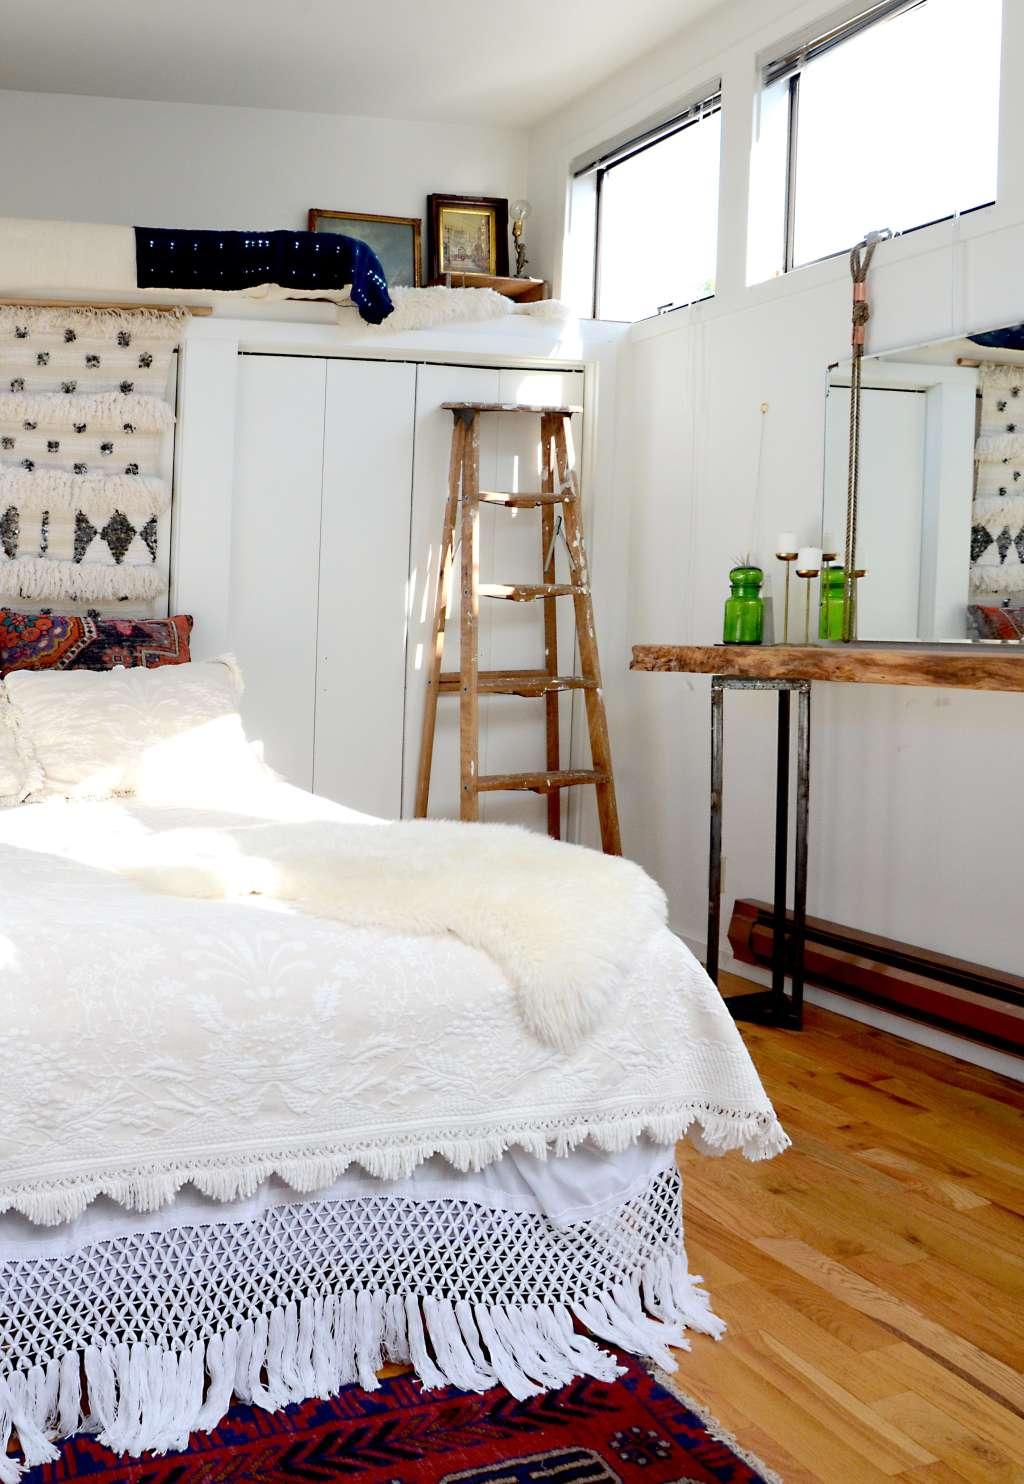 4 Bedroom Tiny House: 5 Tiny Bedroom Tips: Easy-to-Do & Stylish Ideas